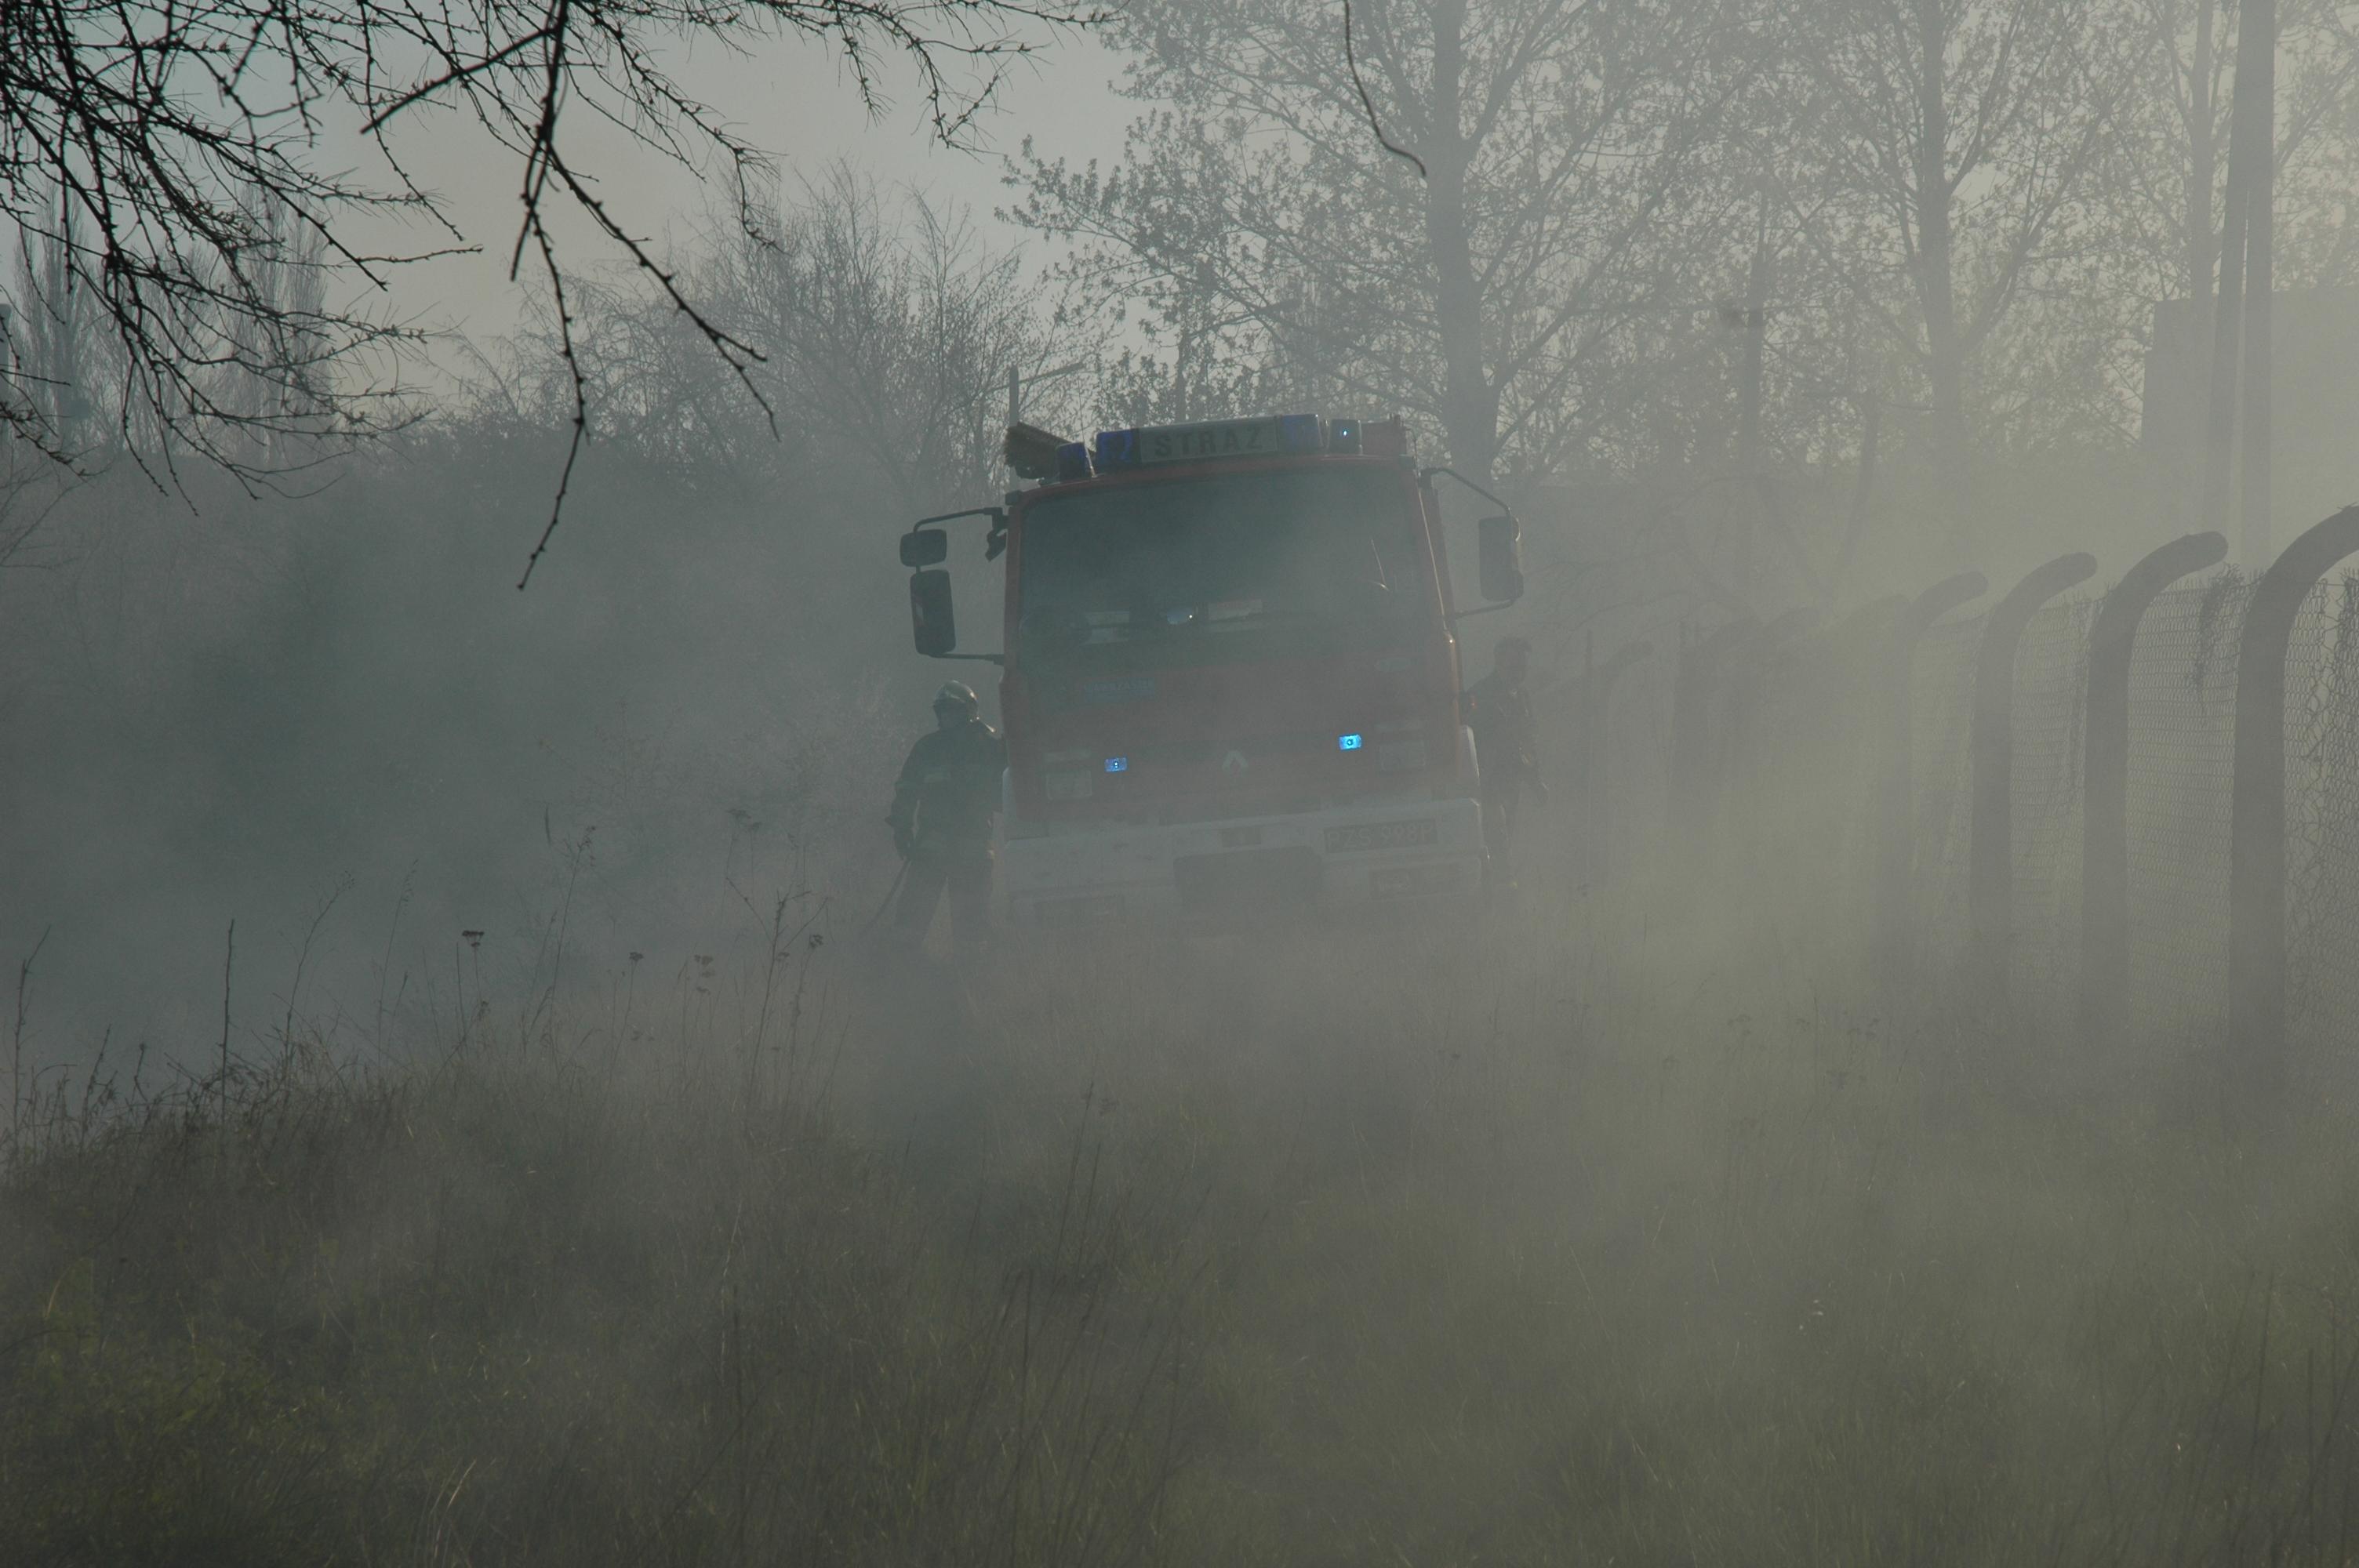 straż pożarna strażacy wóz strażacki - Wojtek Wardejn (Zdjęcie poglądowe)